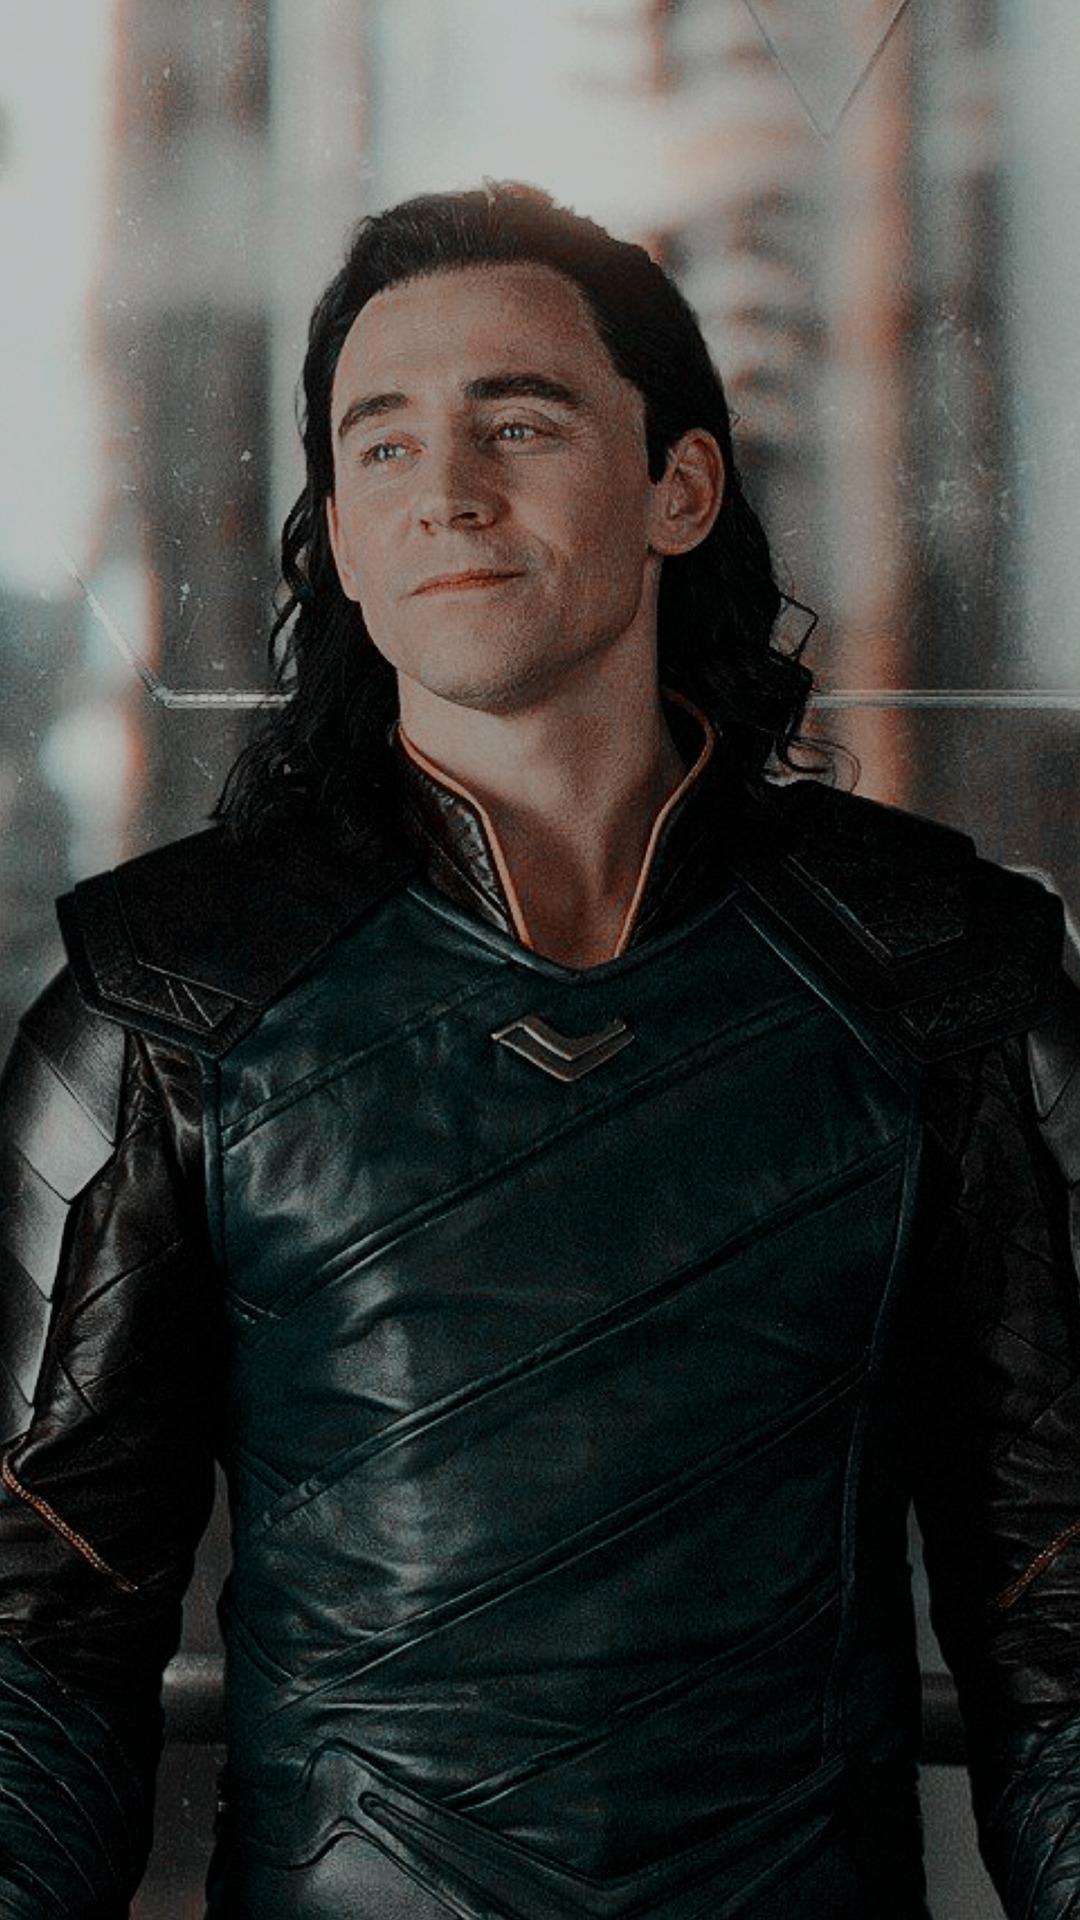 Image - Ragnarok Loki Marvel - HD Wallpaper